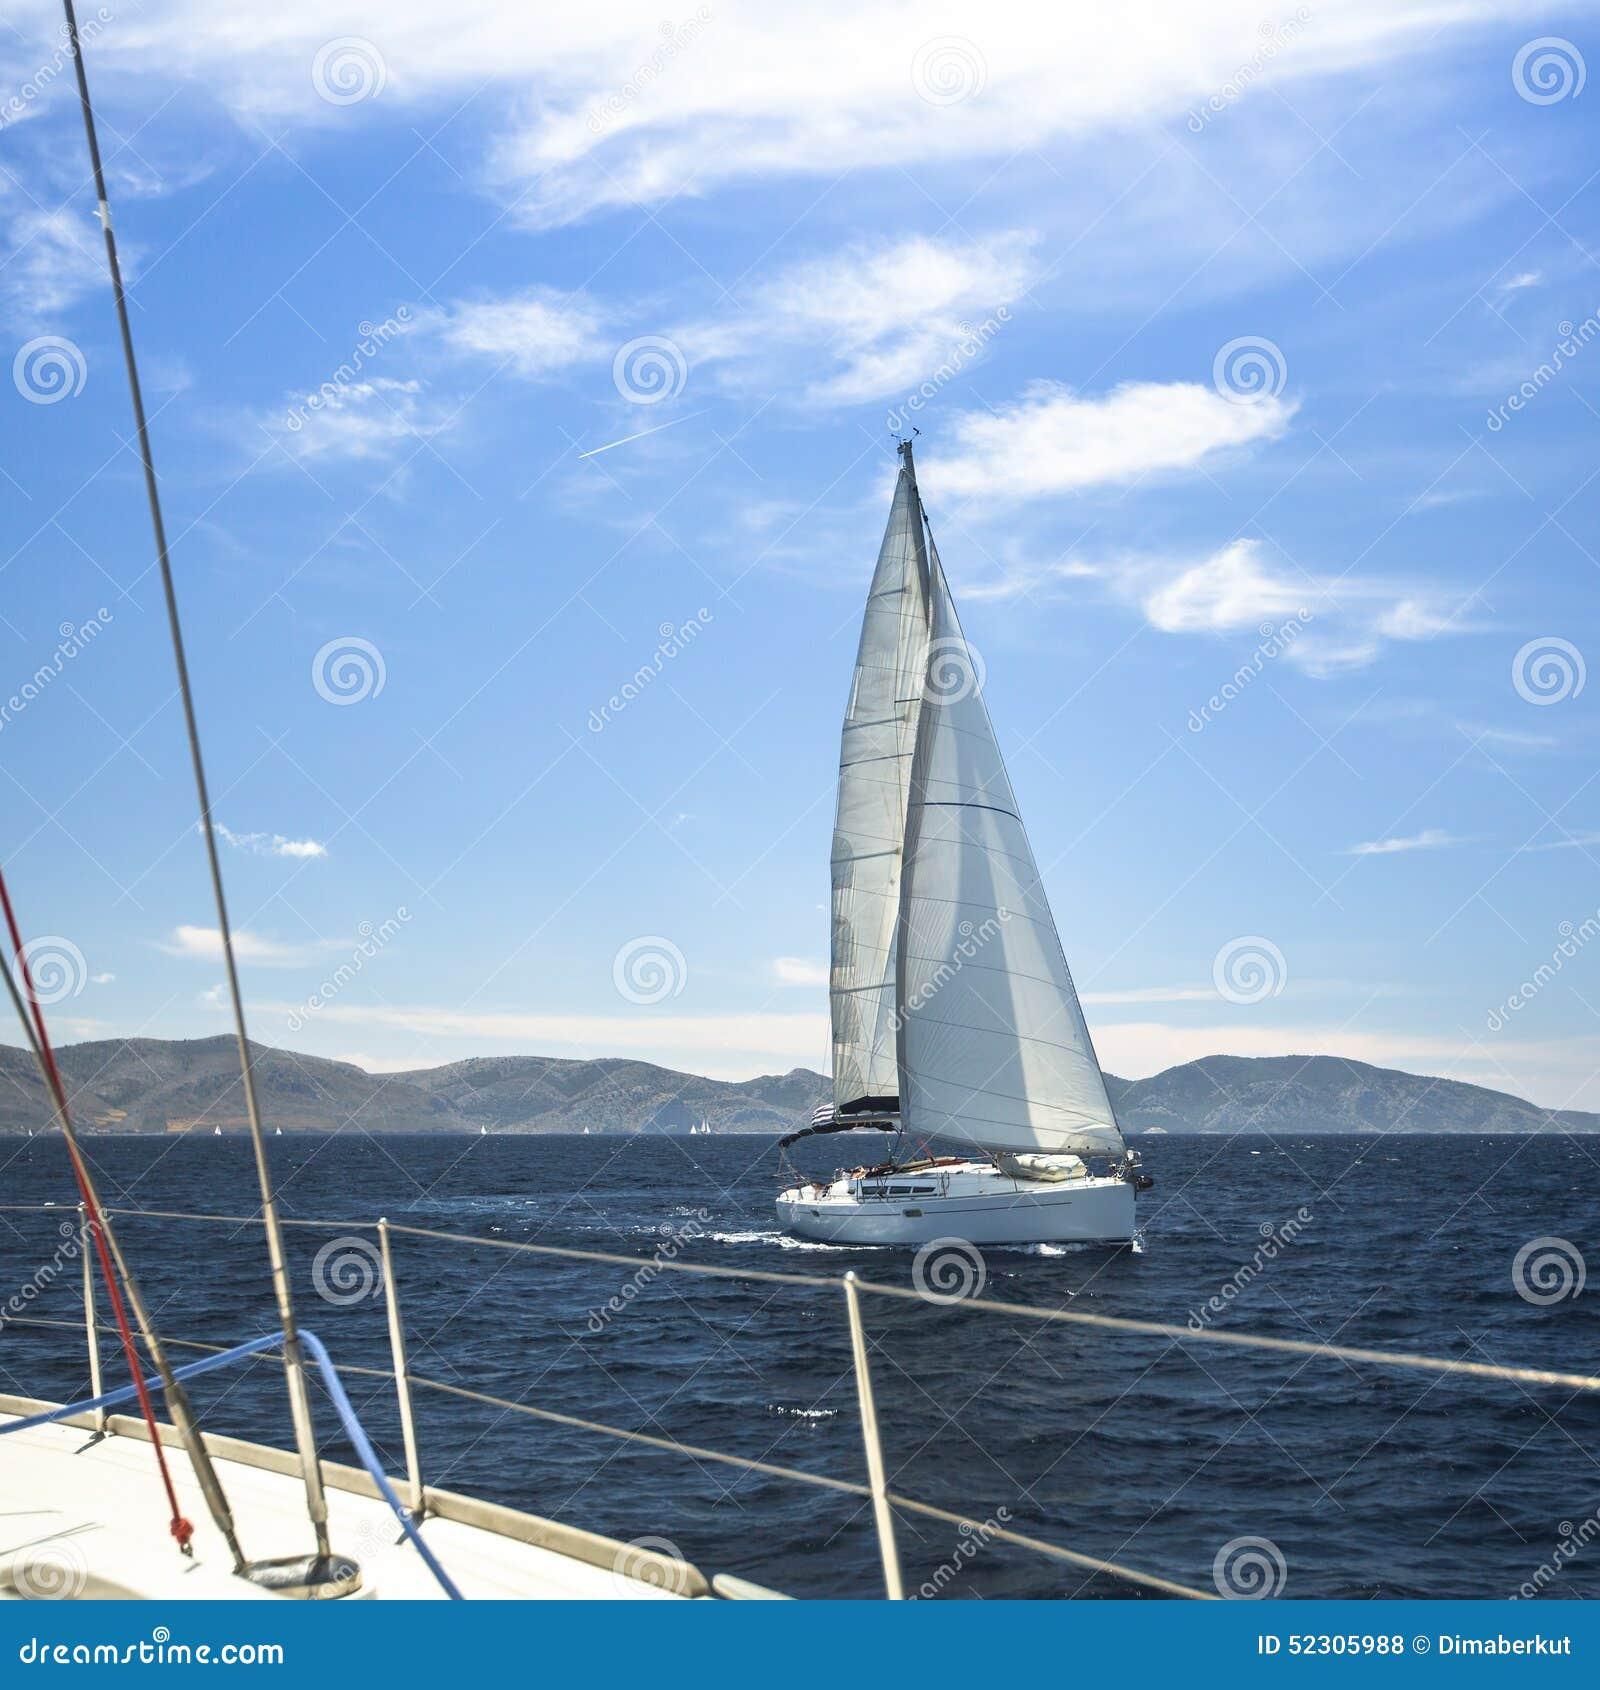 Envie iate com as velas brancas no mar aberto sailing